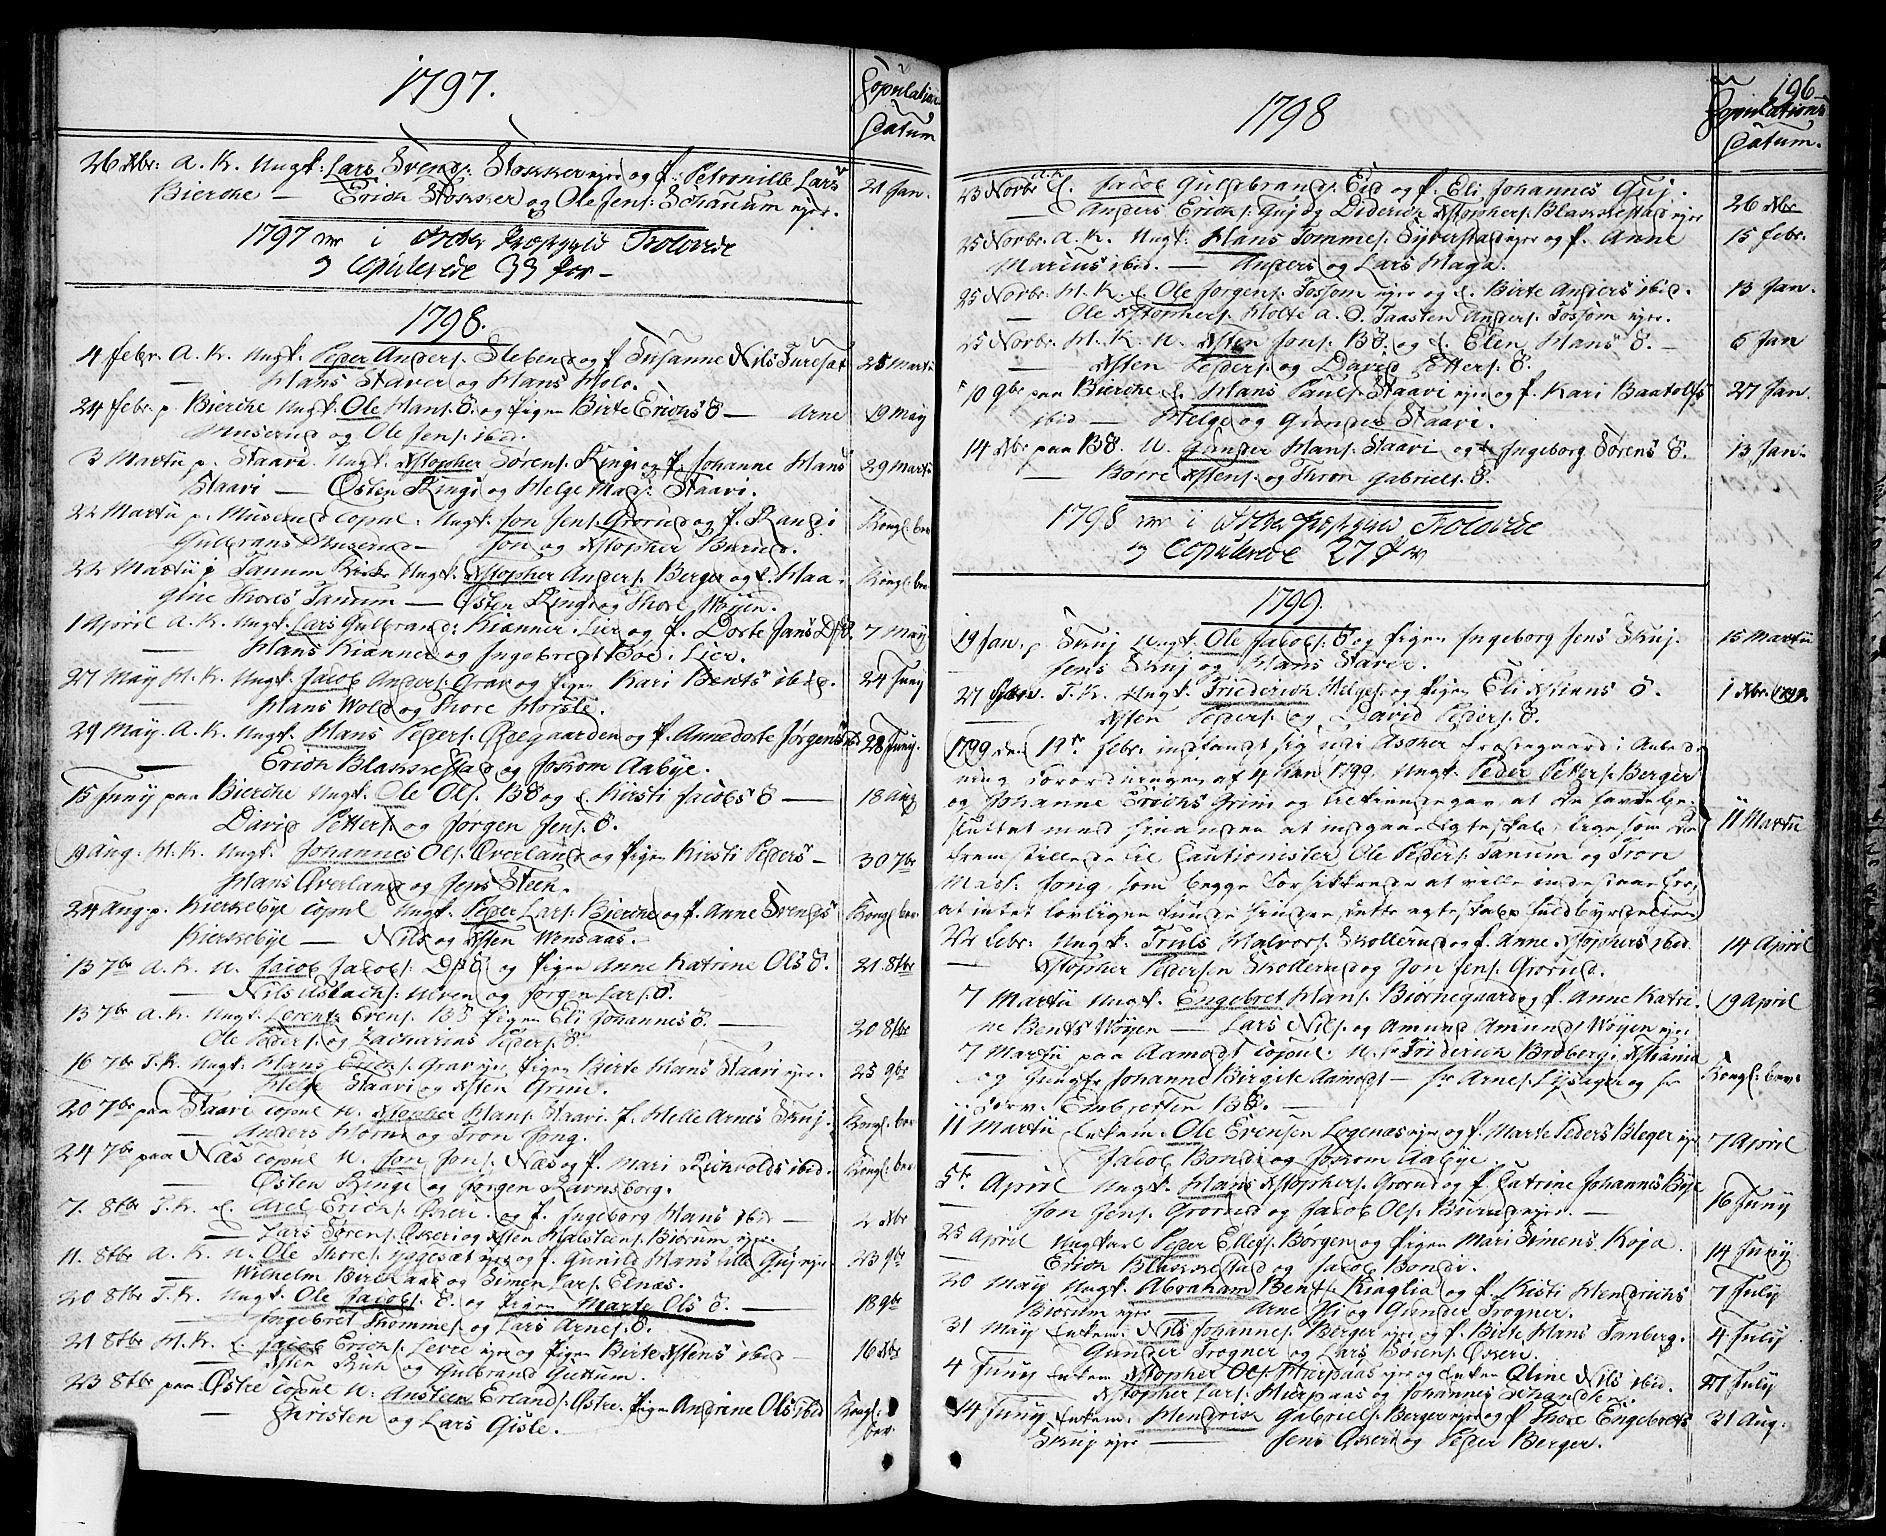 SAO, Asker prestekontor Kirkebøker, F/Fa/L0003: Ministerialbok nr. I 3, 1767-1807, s. 196